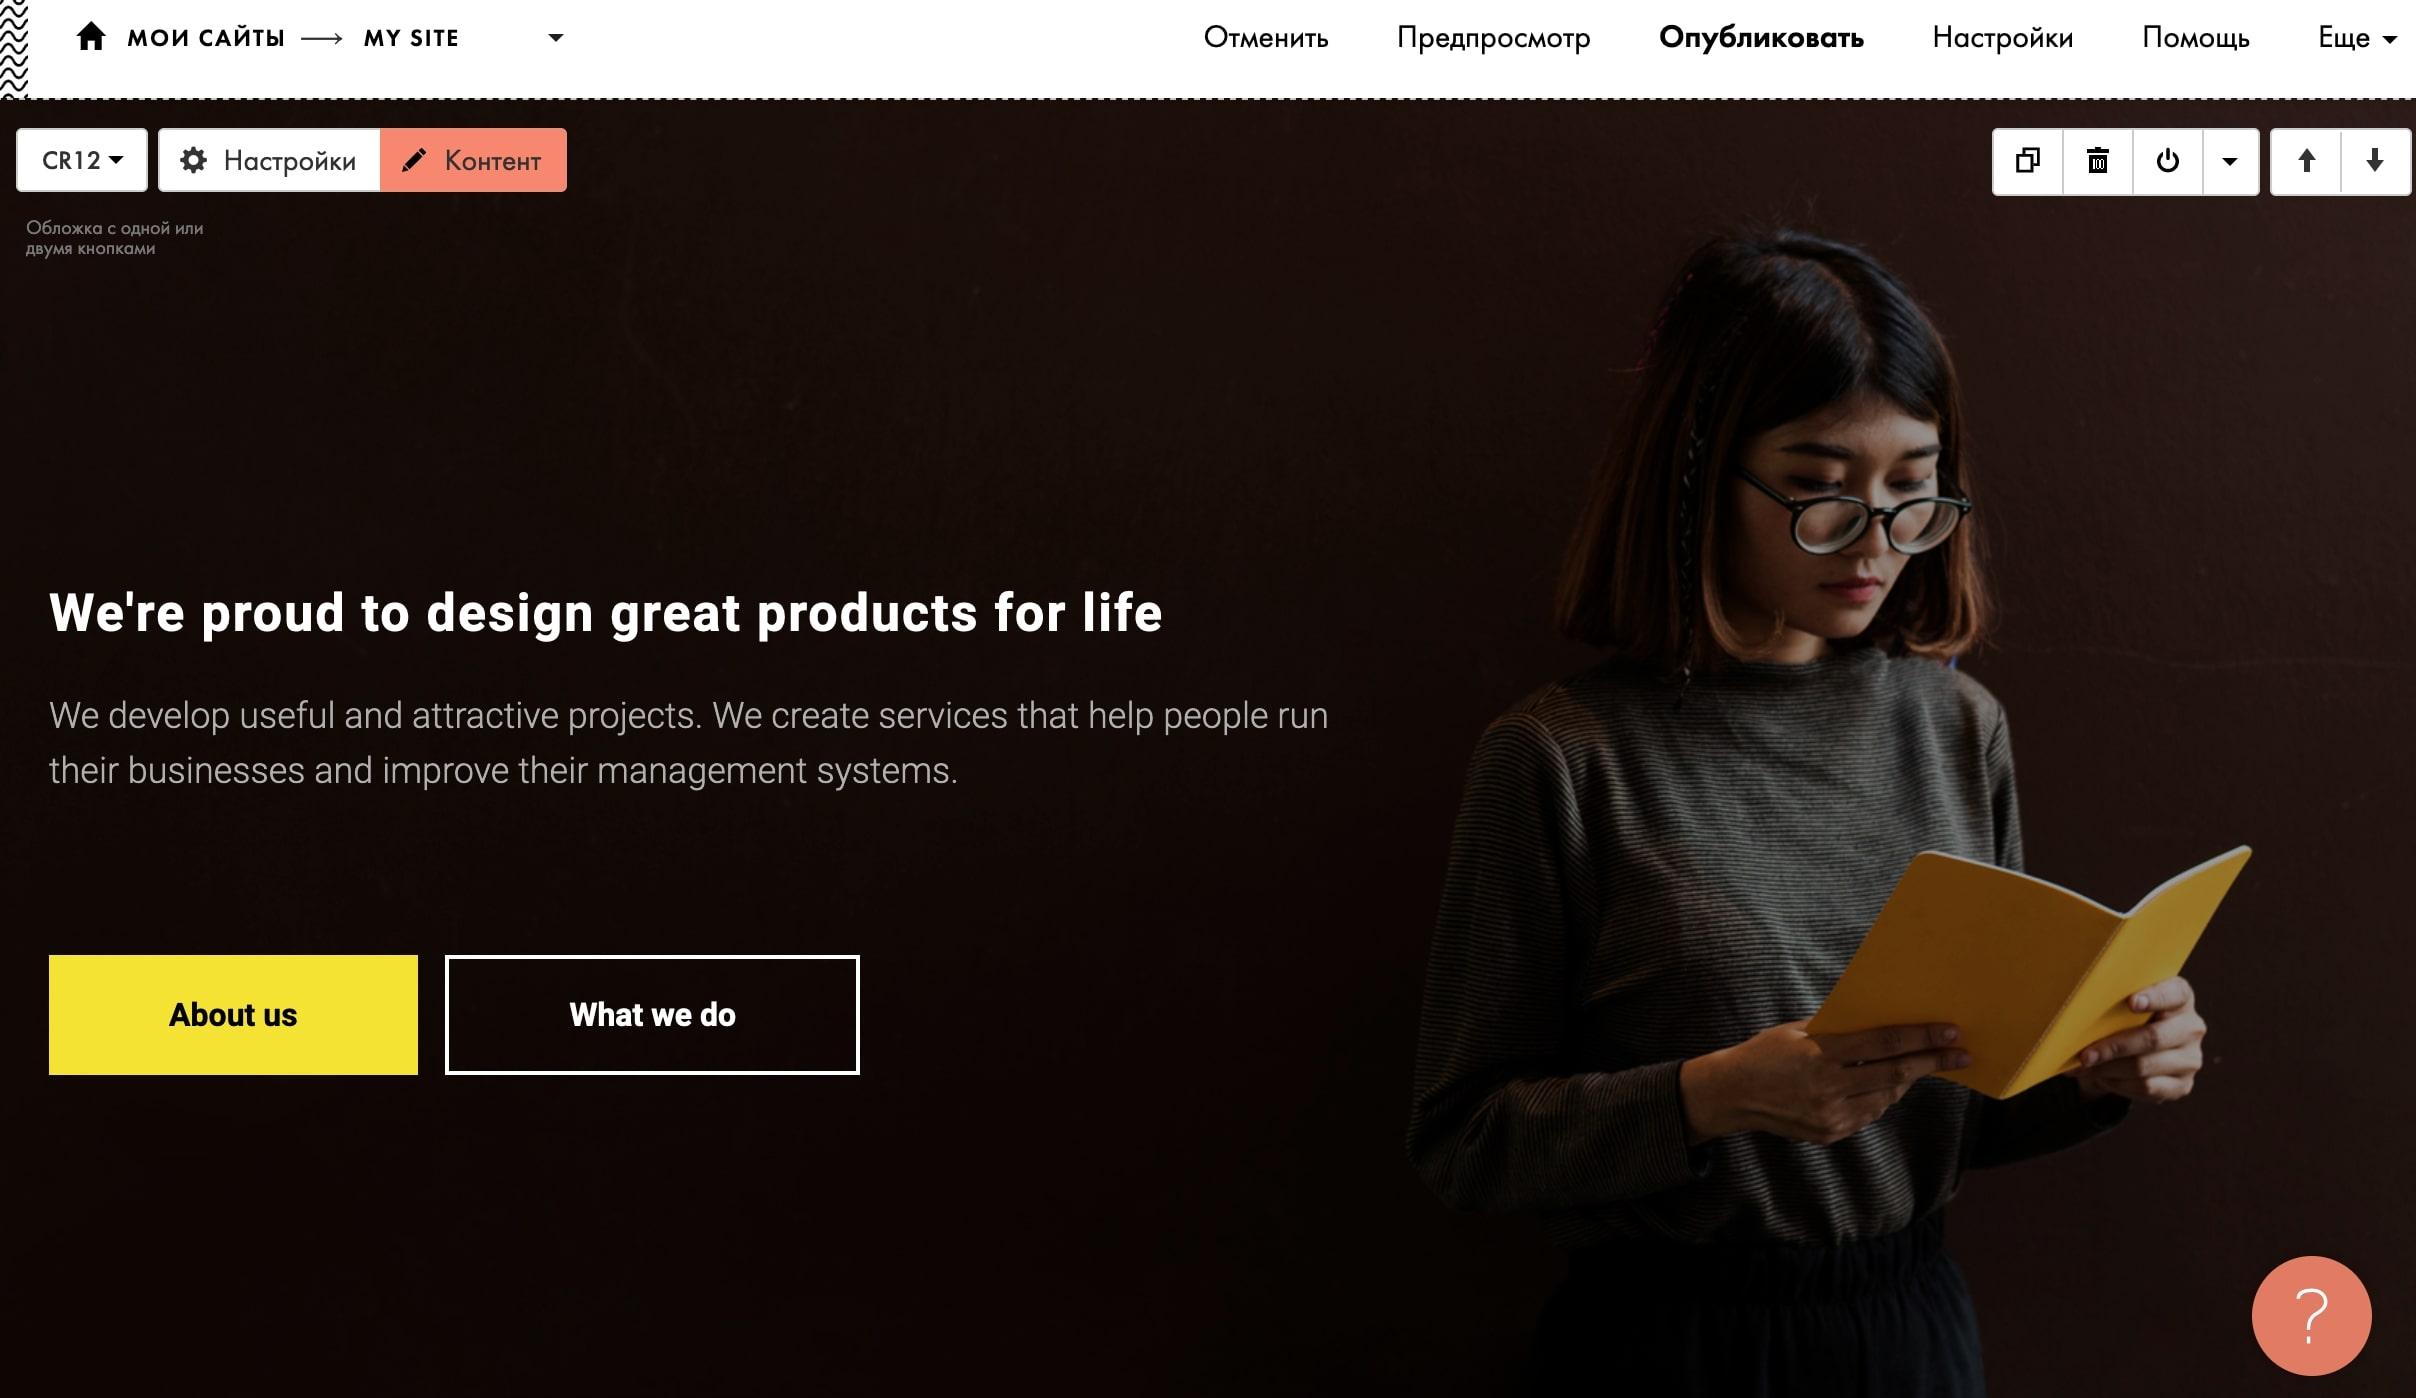 Конструктор сайта Тильда - внешний вид